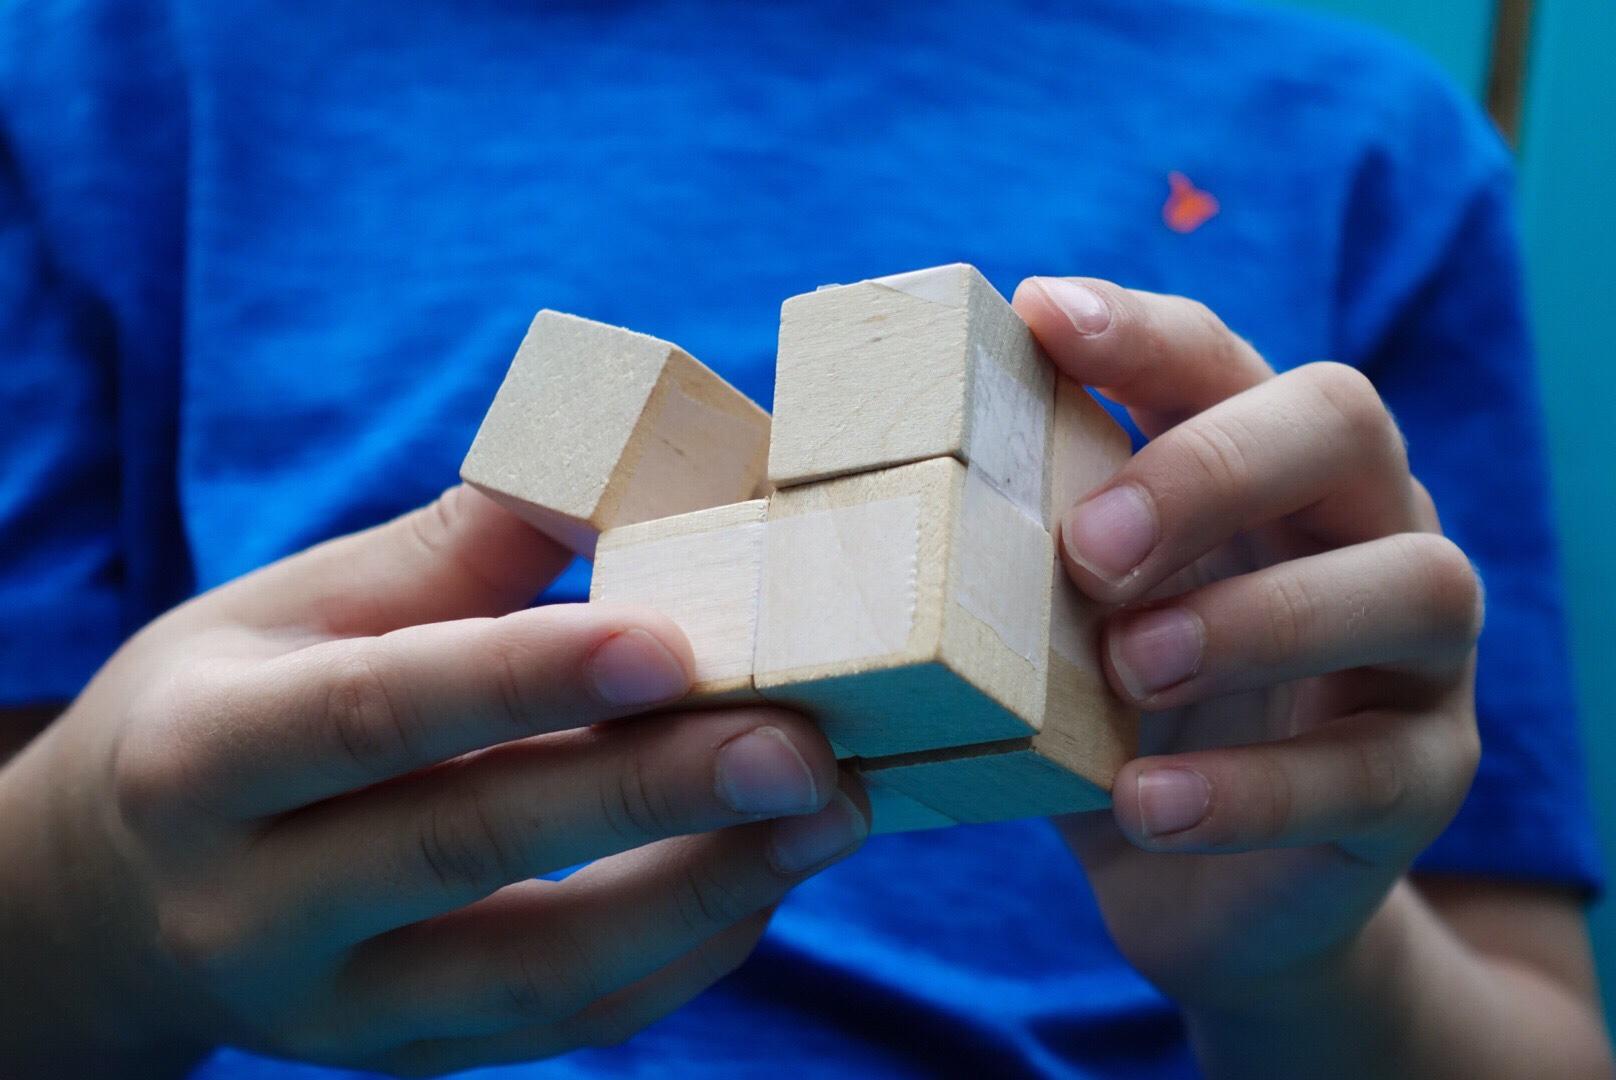 DIY magic cube